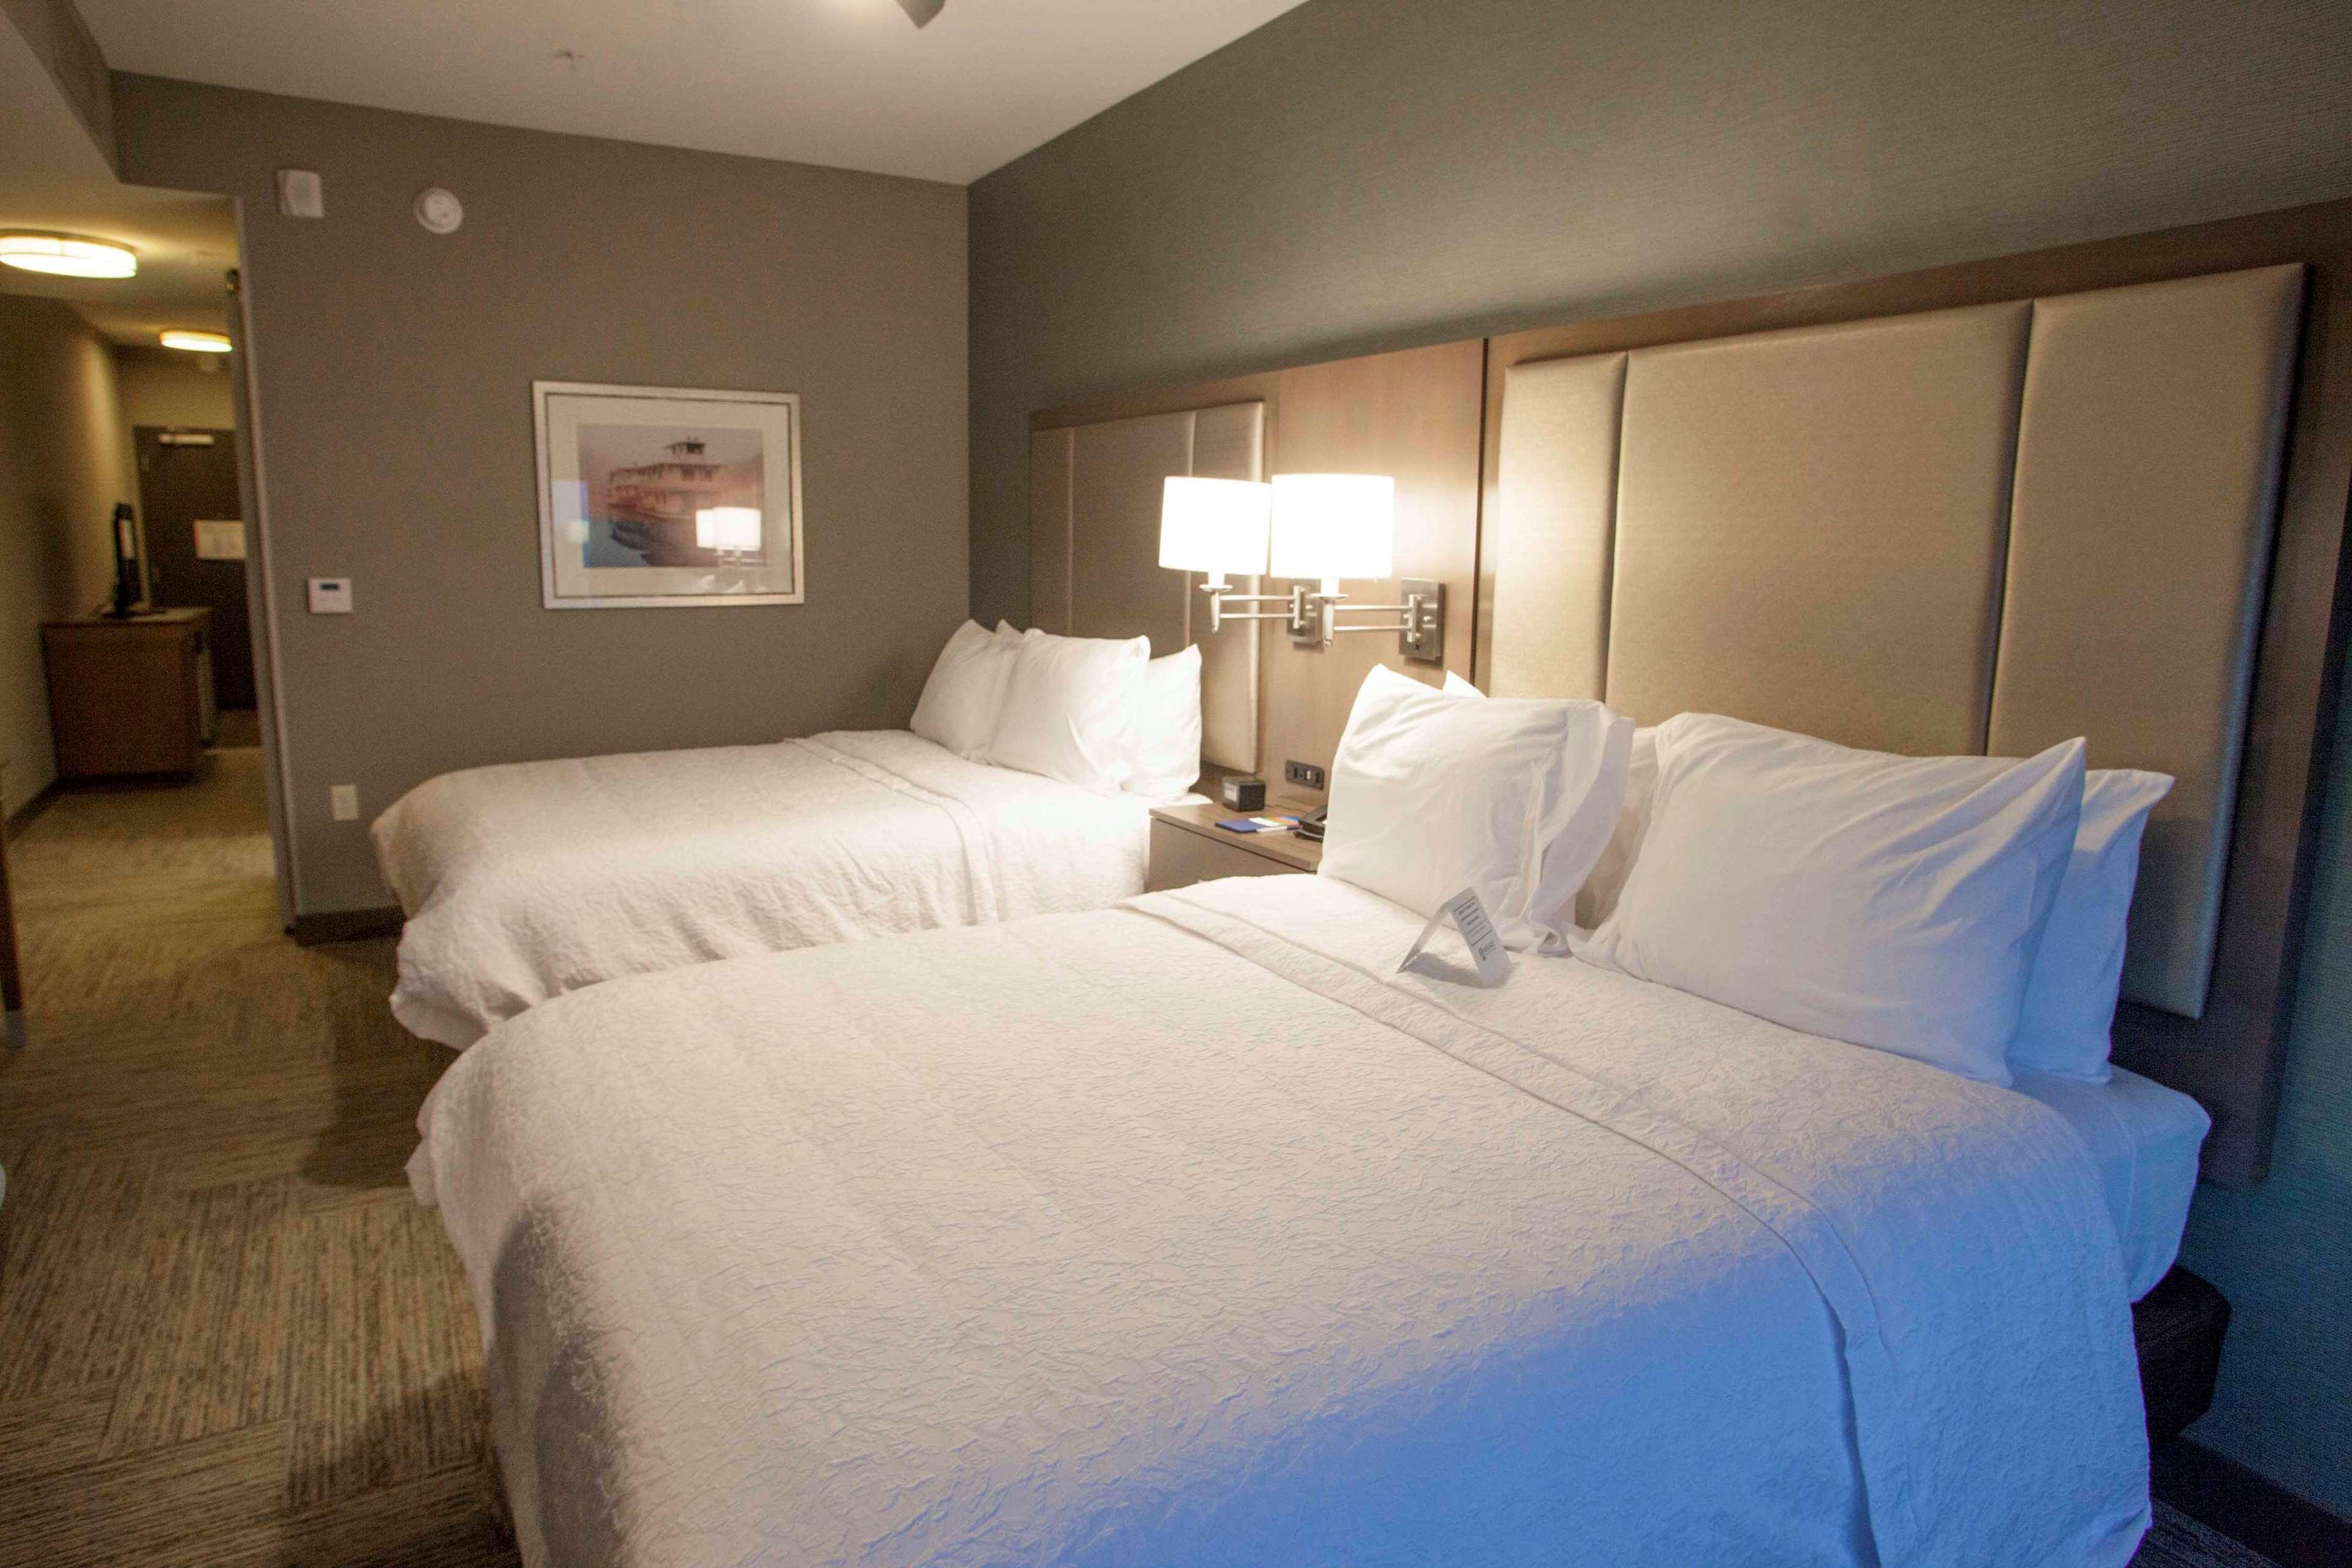 Hampton Inn & Suites Downtown St. Paul image 25